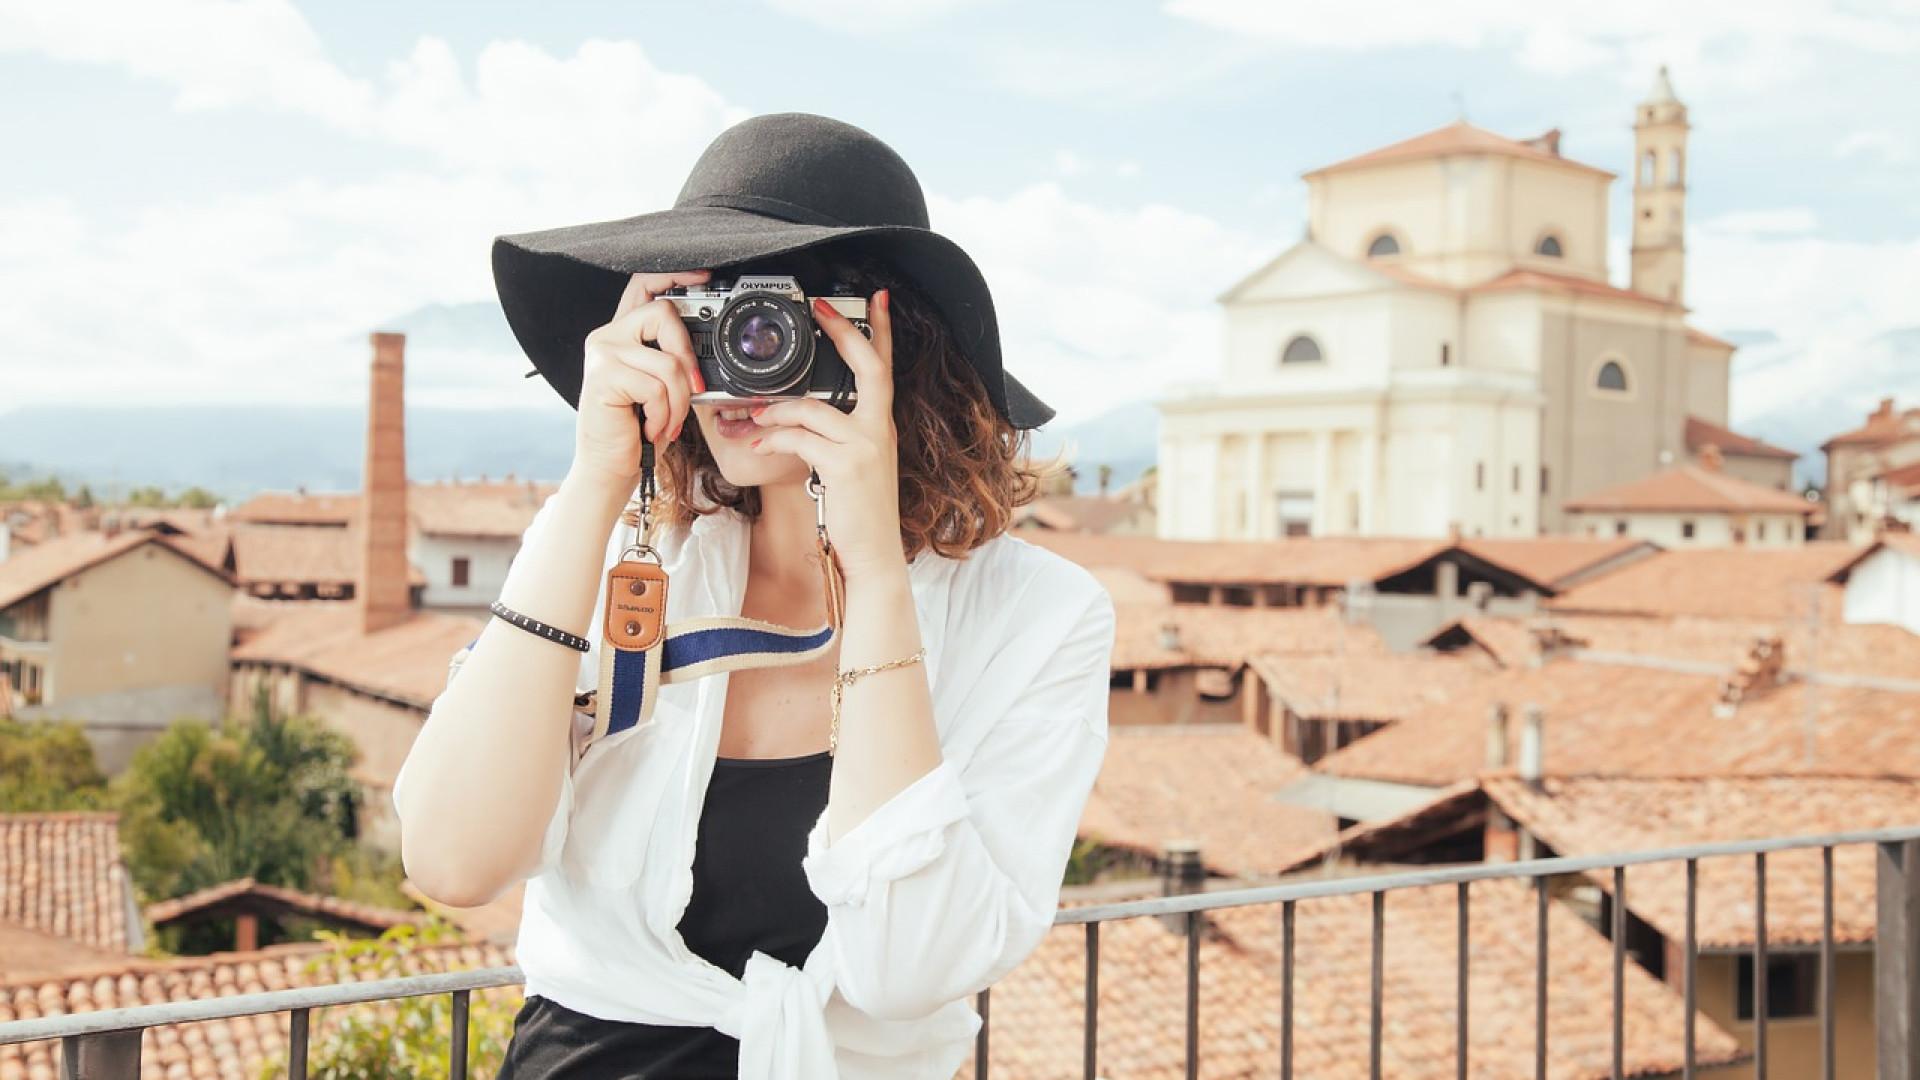 Pourquoi recourir aux services d'un photographe professionnel ?